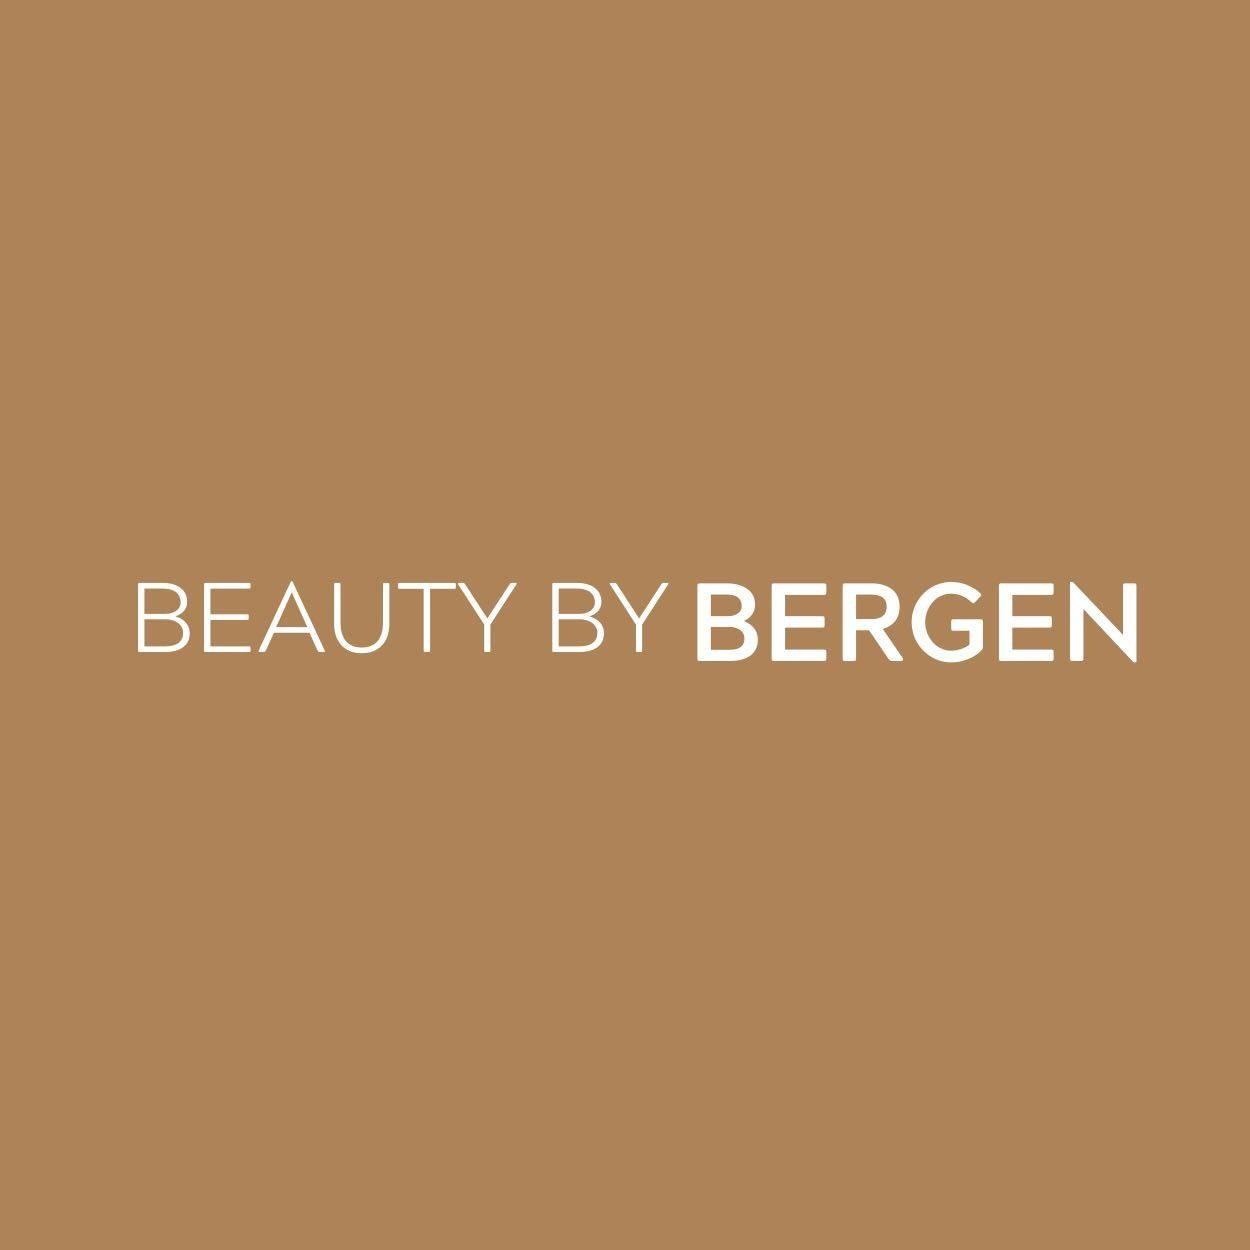 Beauty by Bergen logo